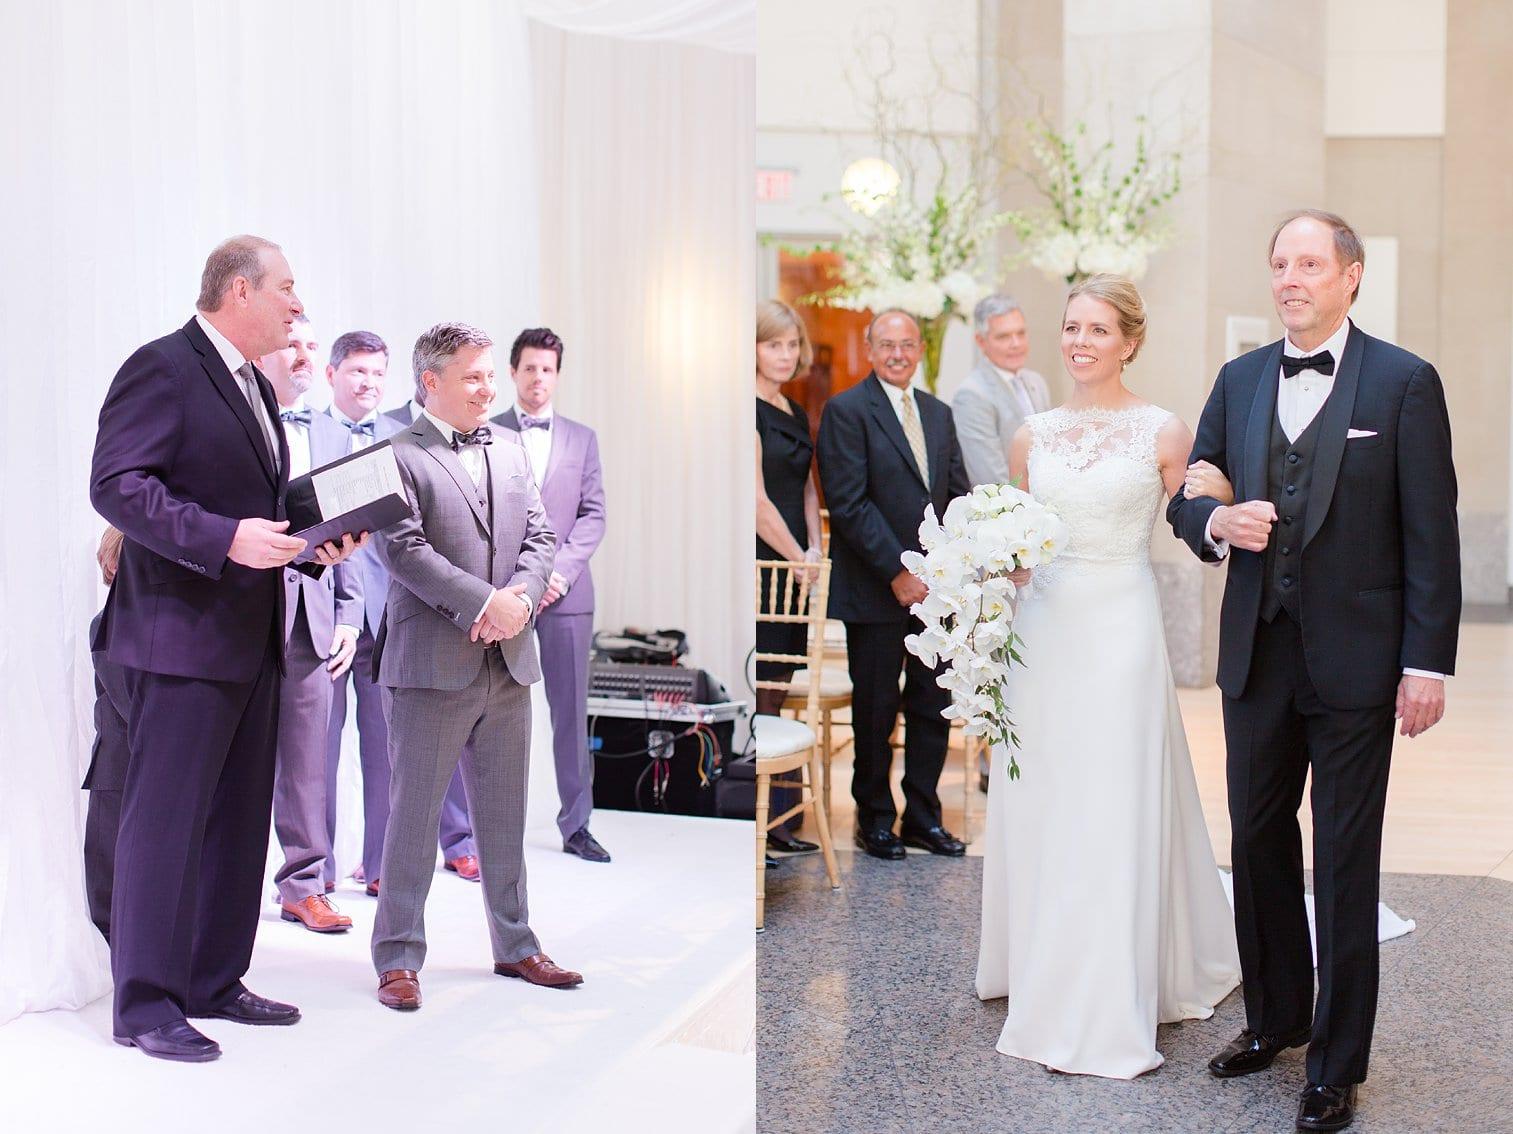 Ronald Reagan Building Wedding Washington DC Wedding Photographer Ashley & Brett-617.jpg